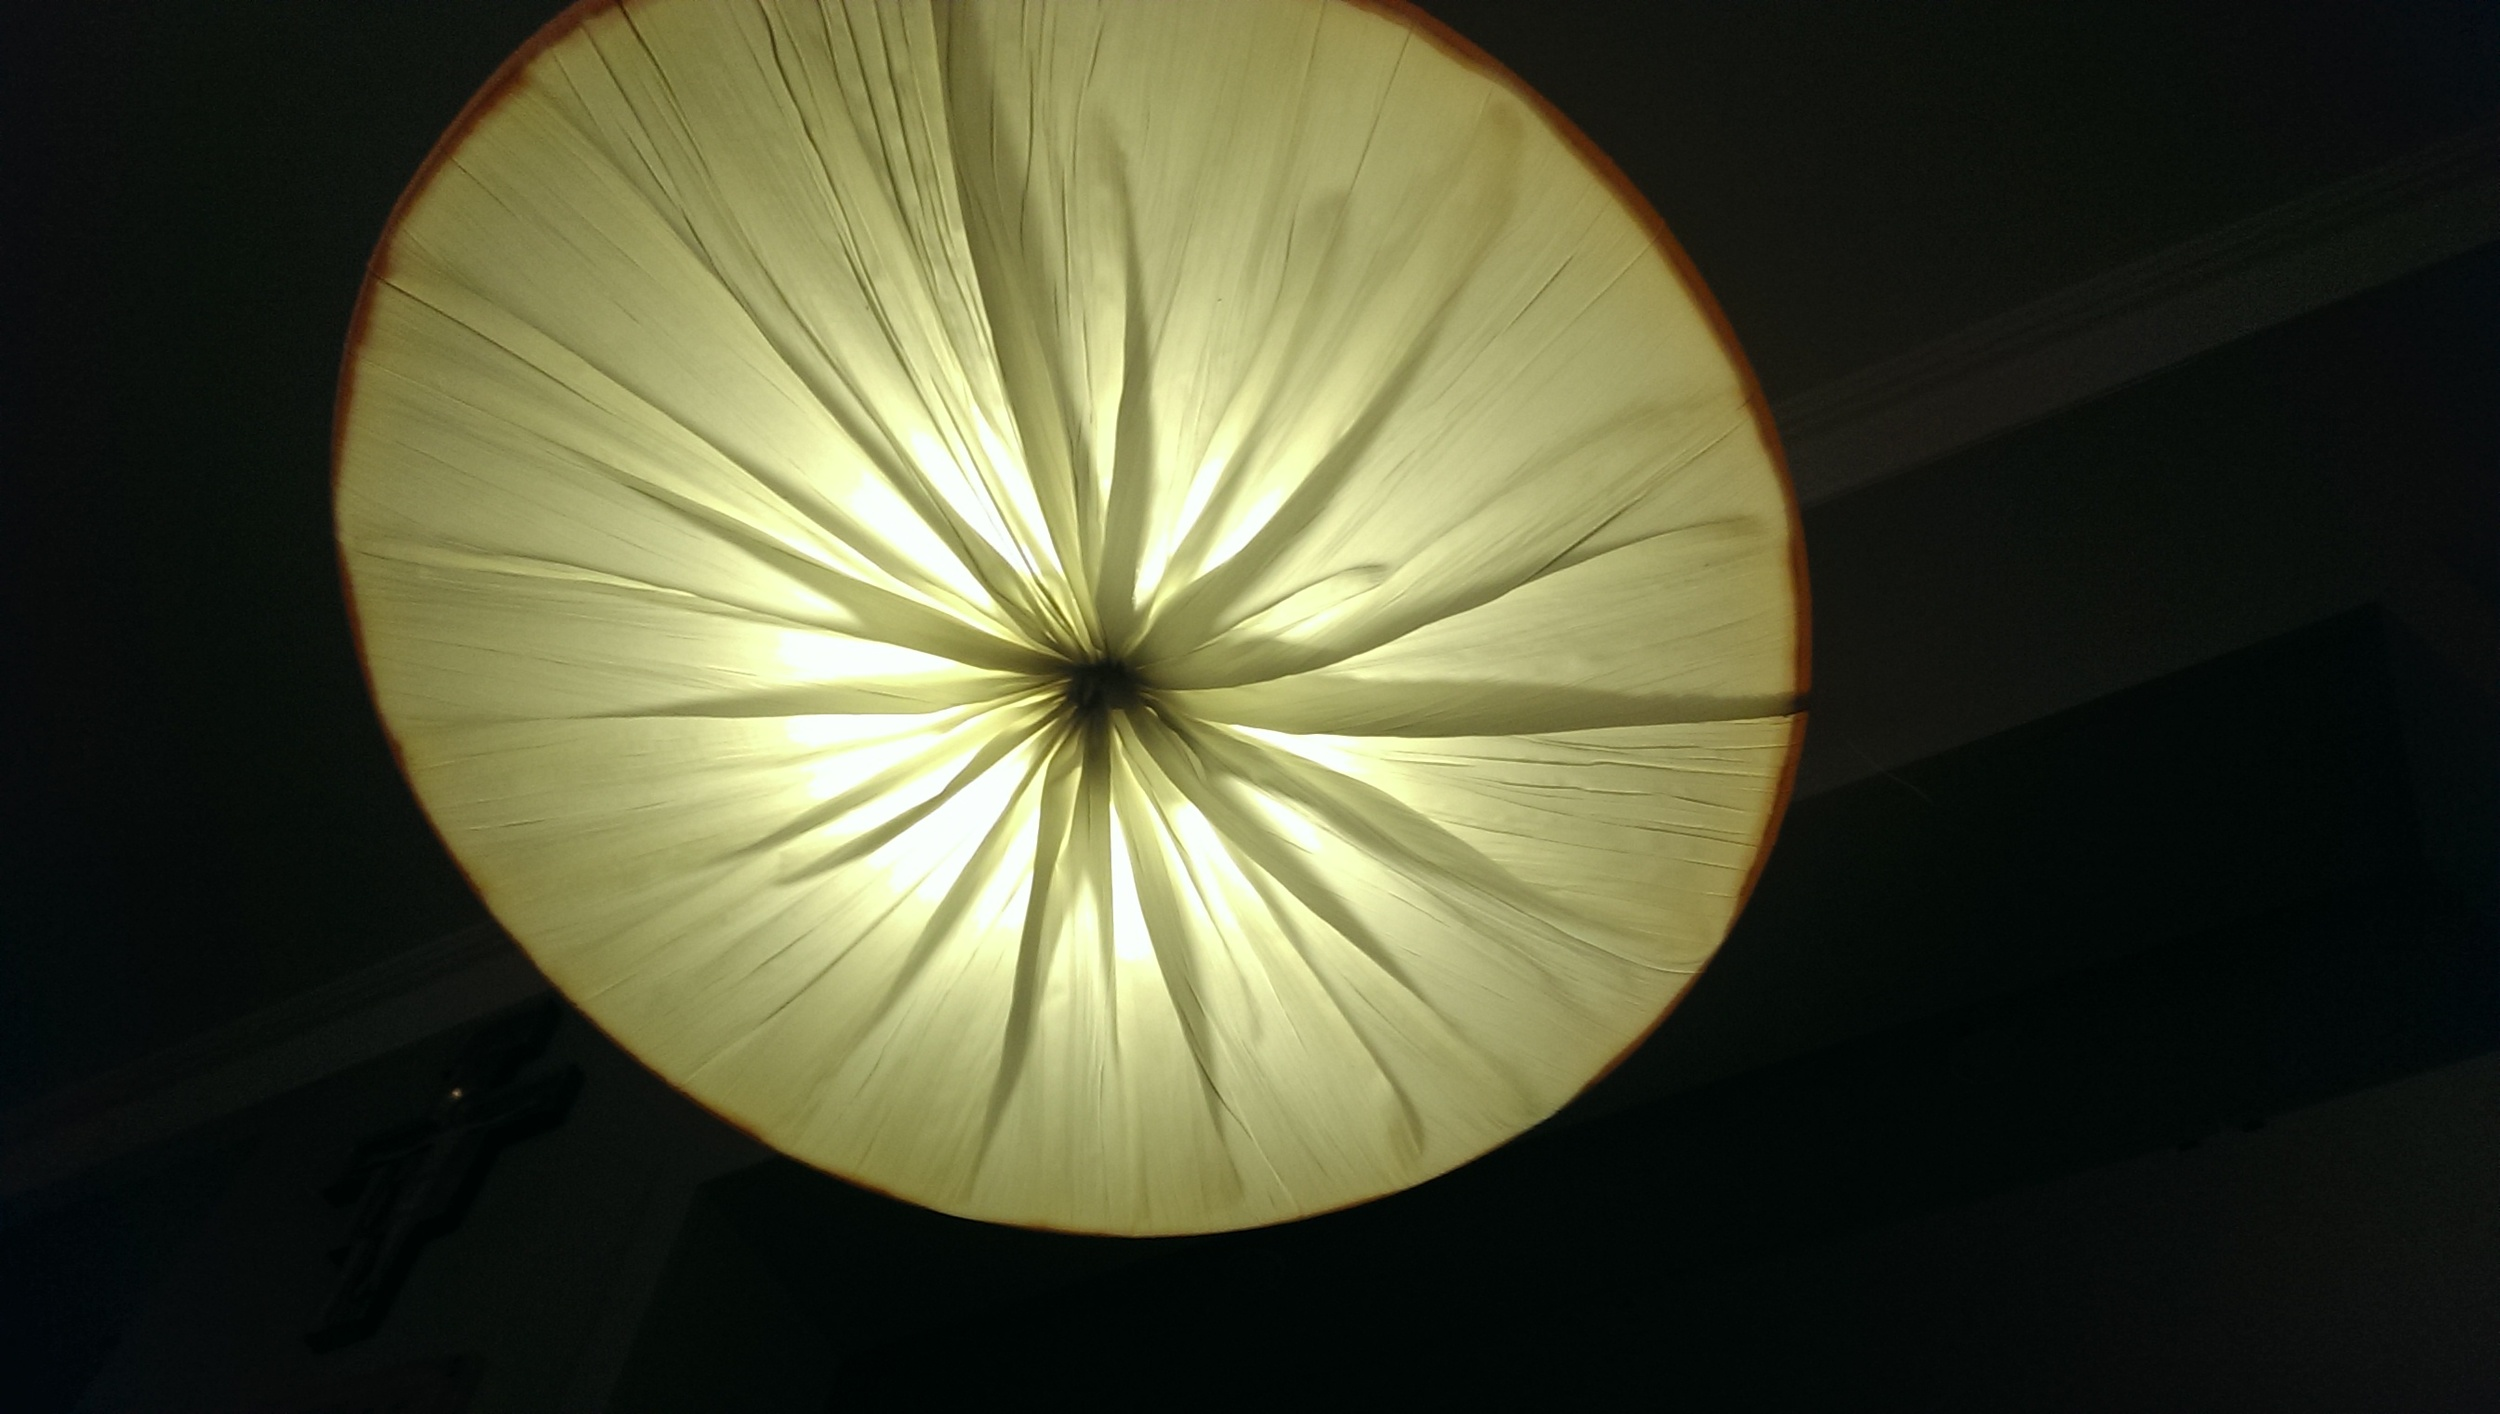 Lampy w sypialni zostały wykonane z kreszowanego materiału naciągniętego na sprężynujące okręgi.